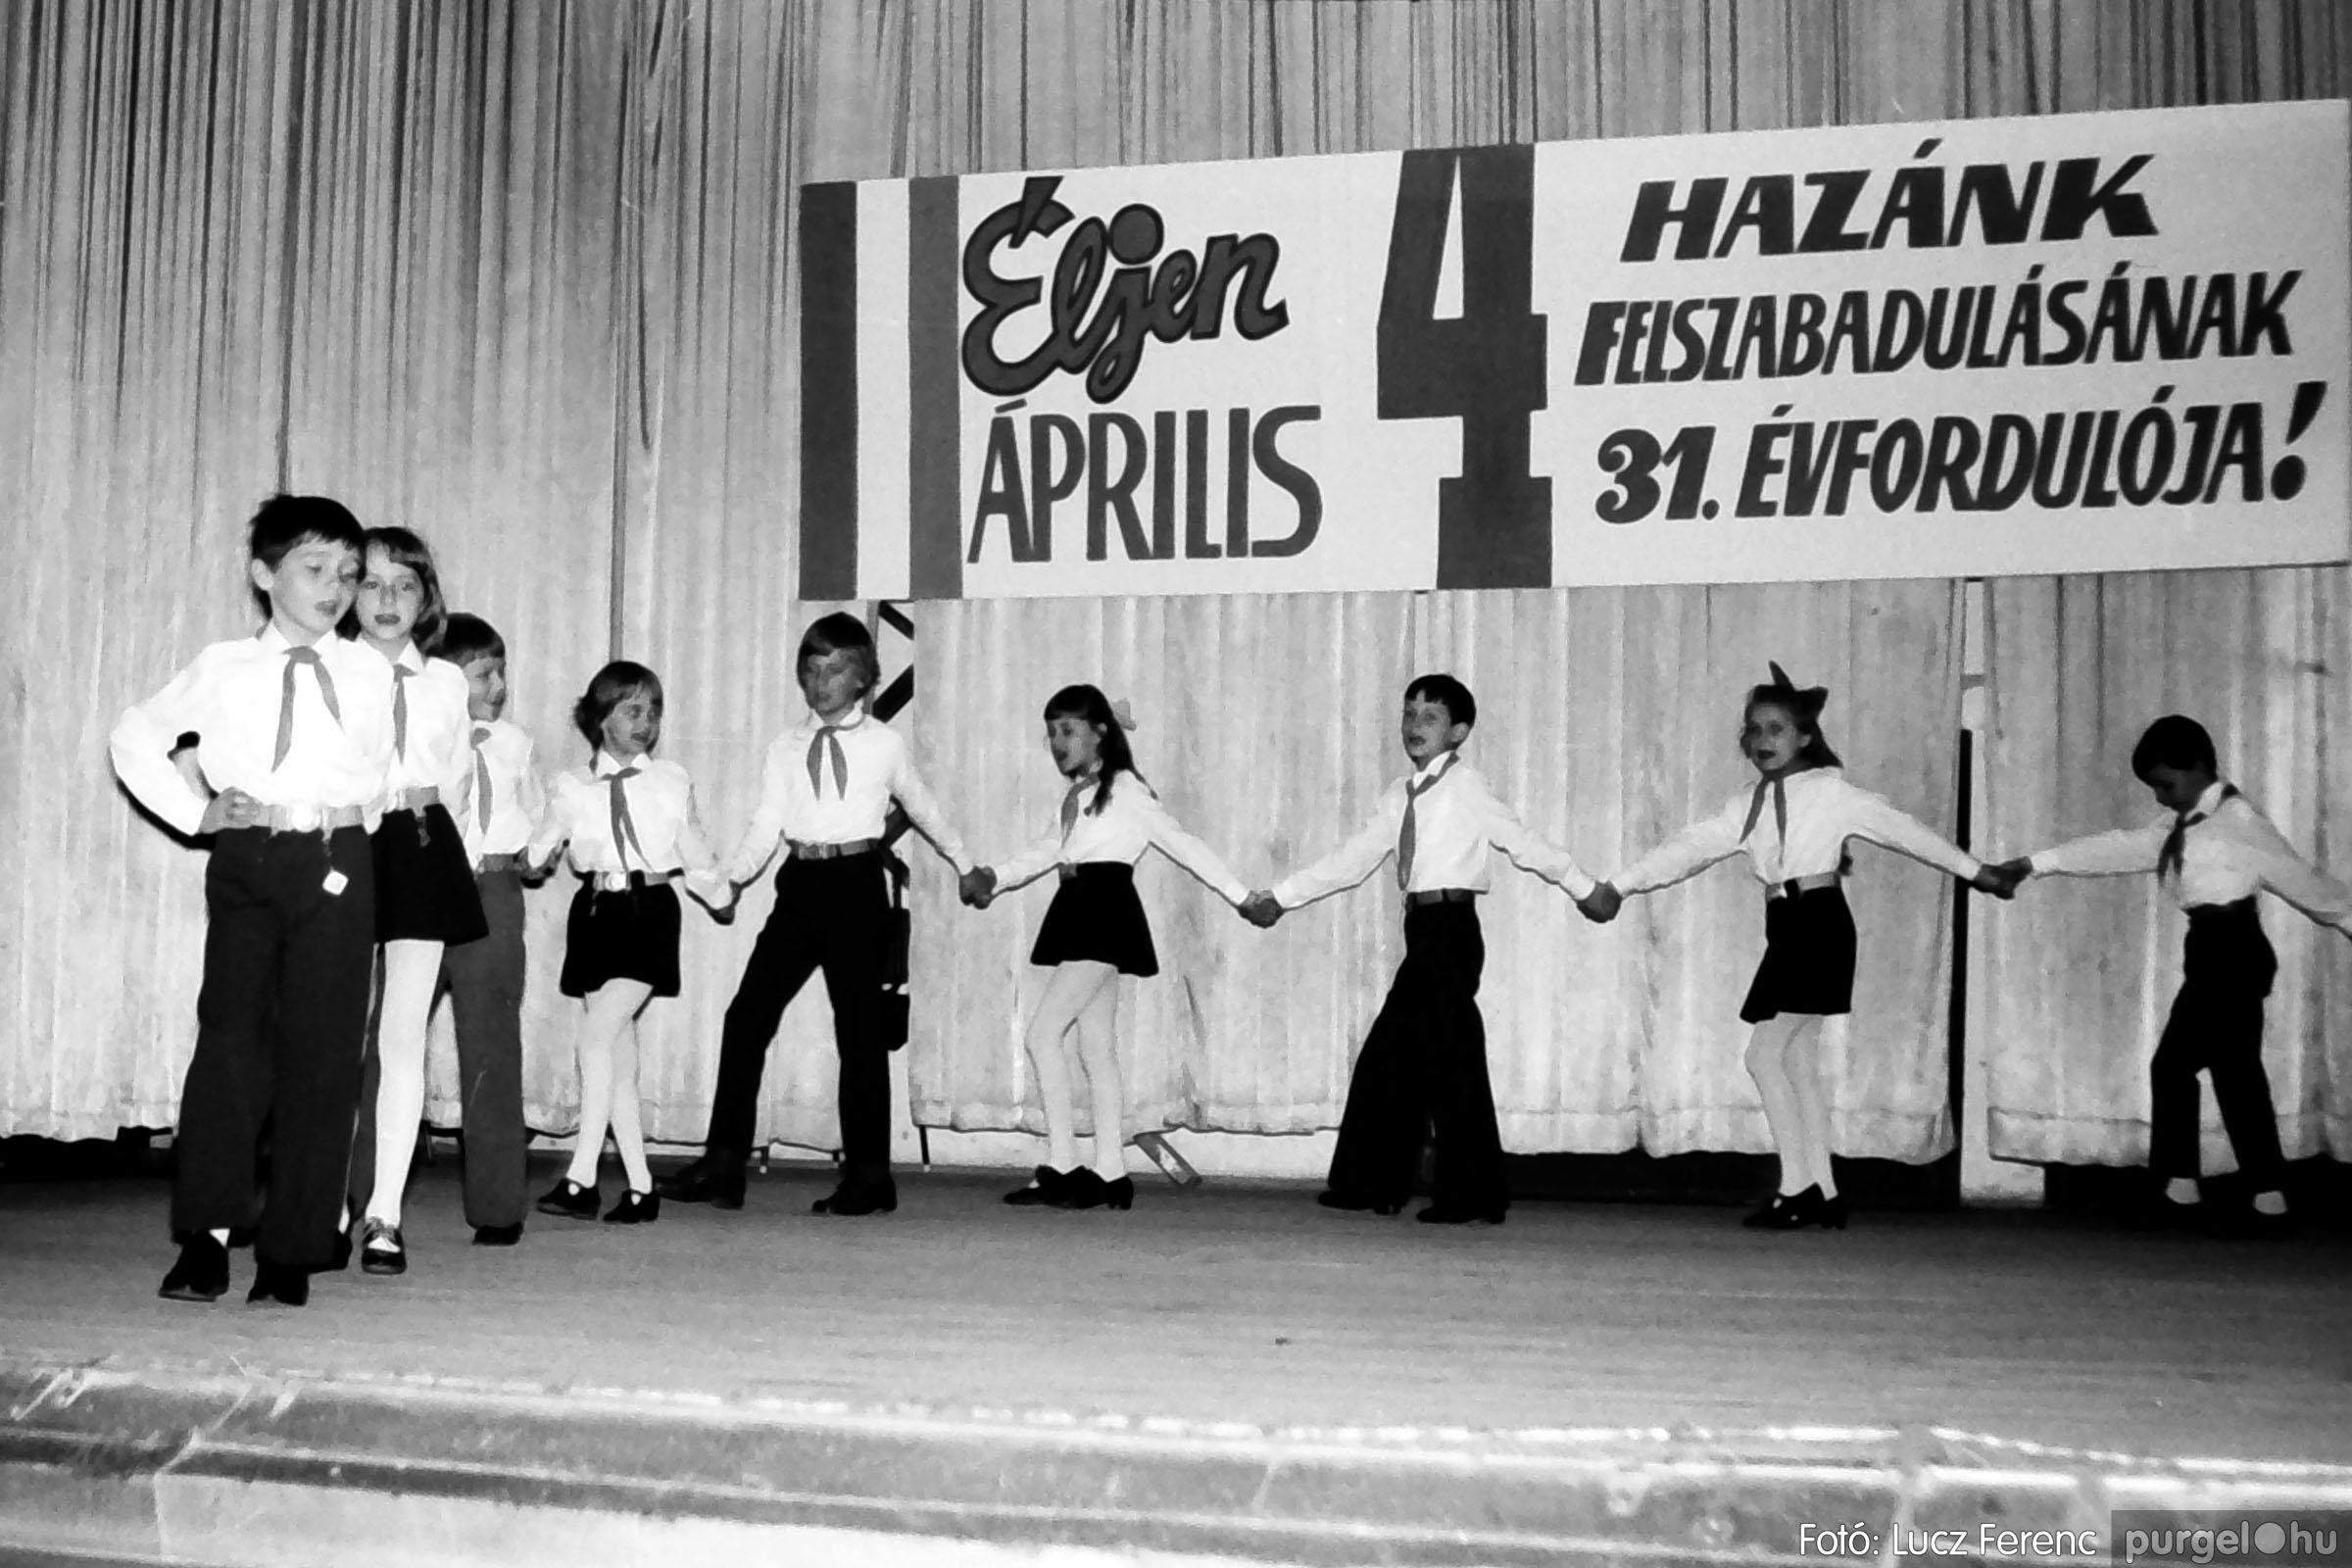 039. 1976.04.04. Április 4-i ünnepség a kultúrházban 025. - Fotó: Lucz Ferenc.jpg